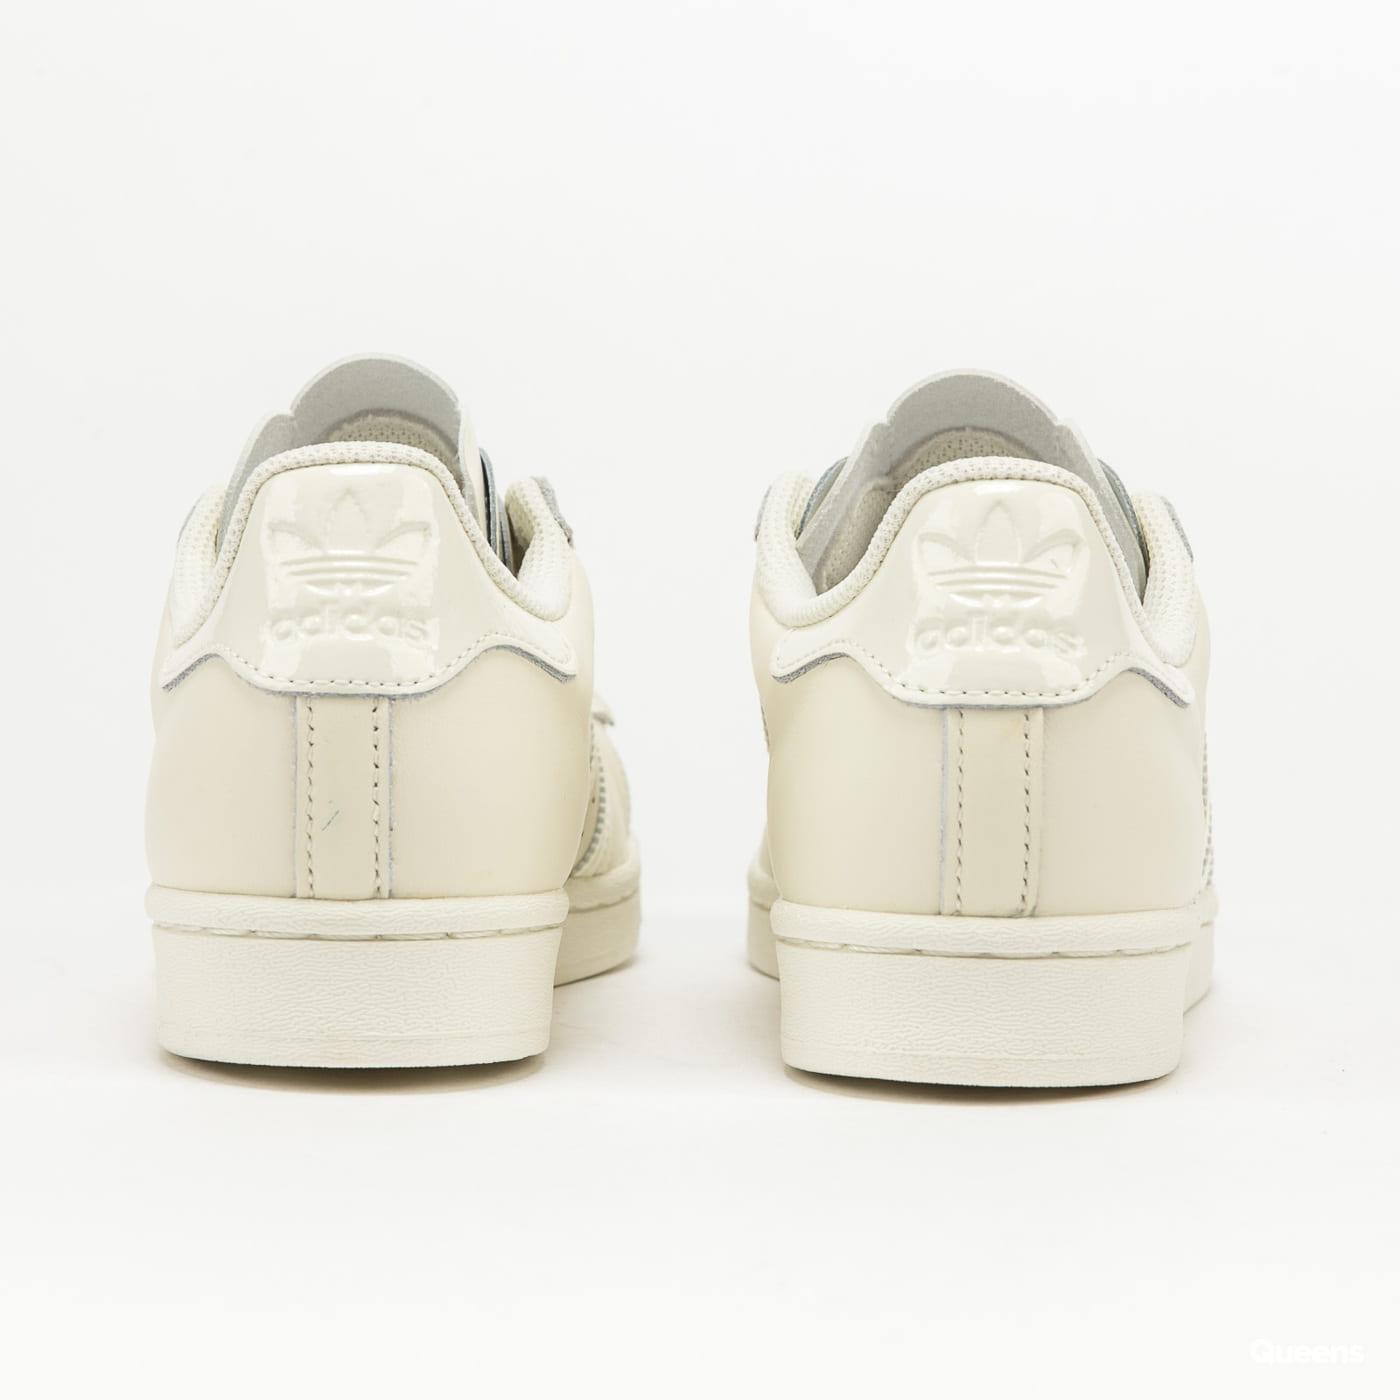 adidas Originals Superstar W owhite / owhite / cblack